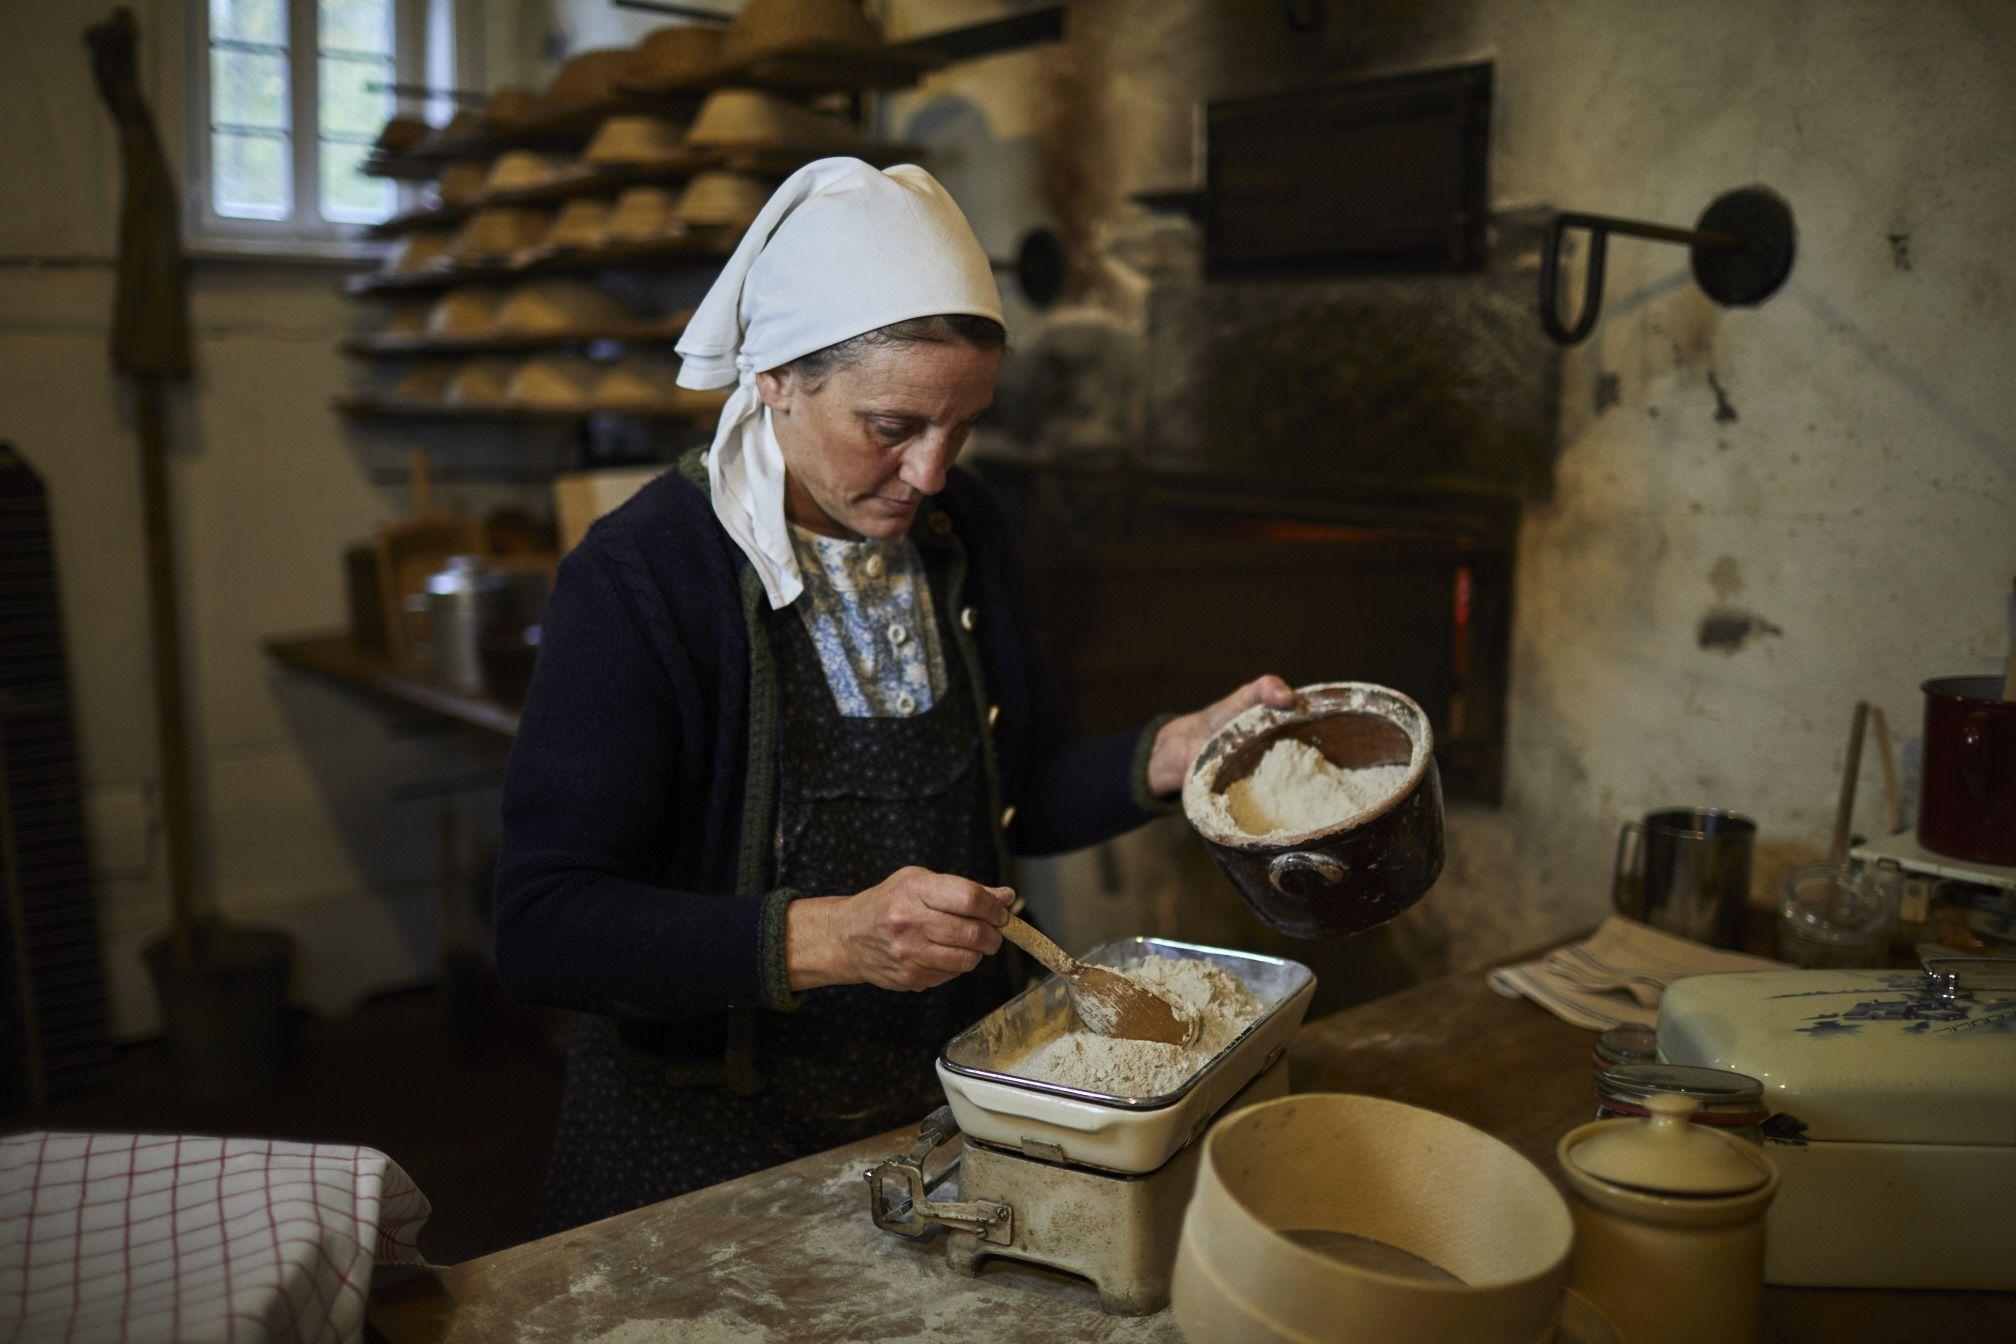 Bäckerin backt Brot im Backhaus